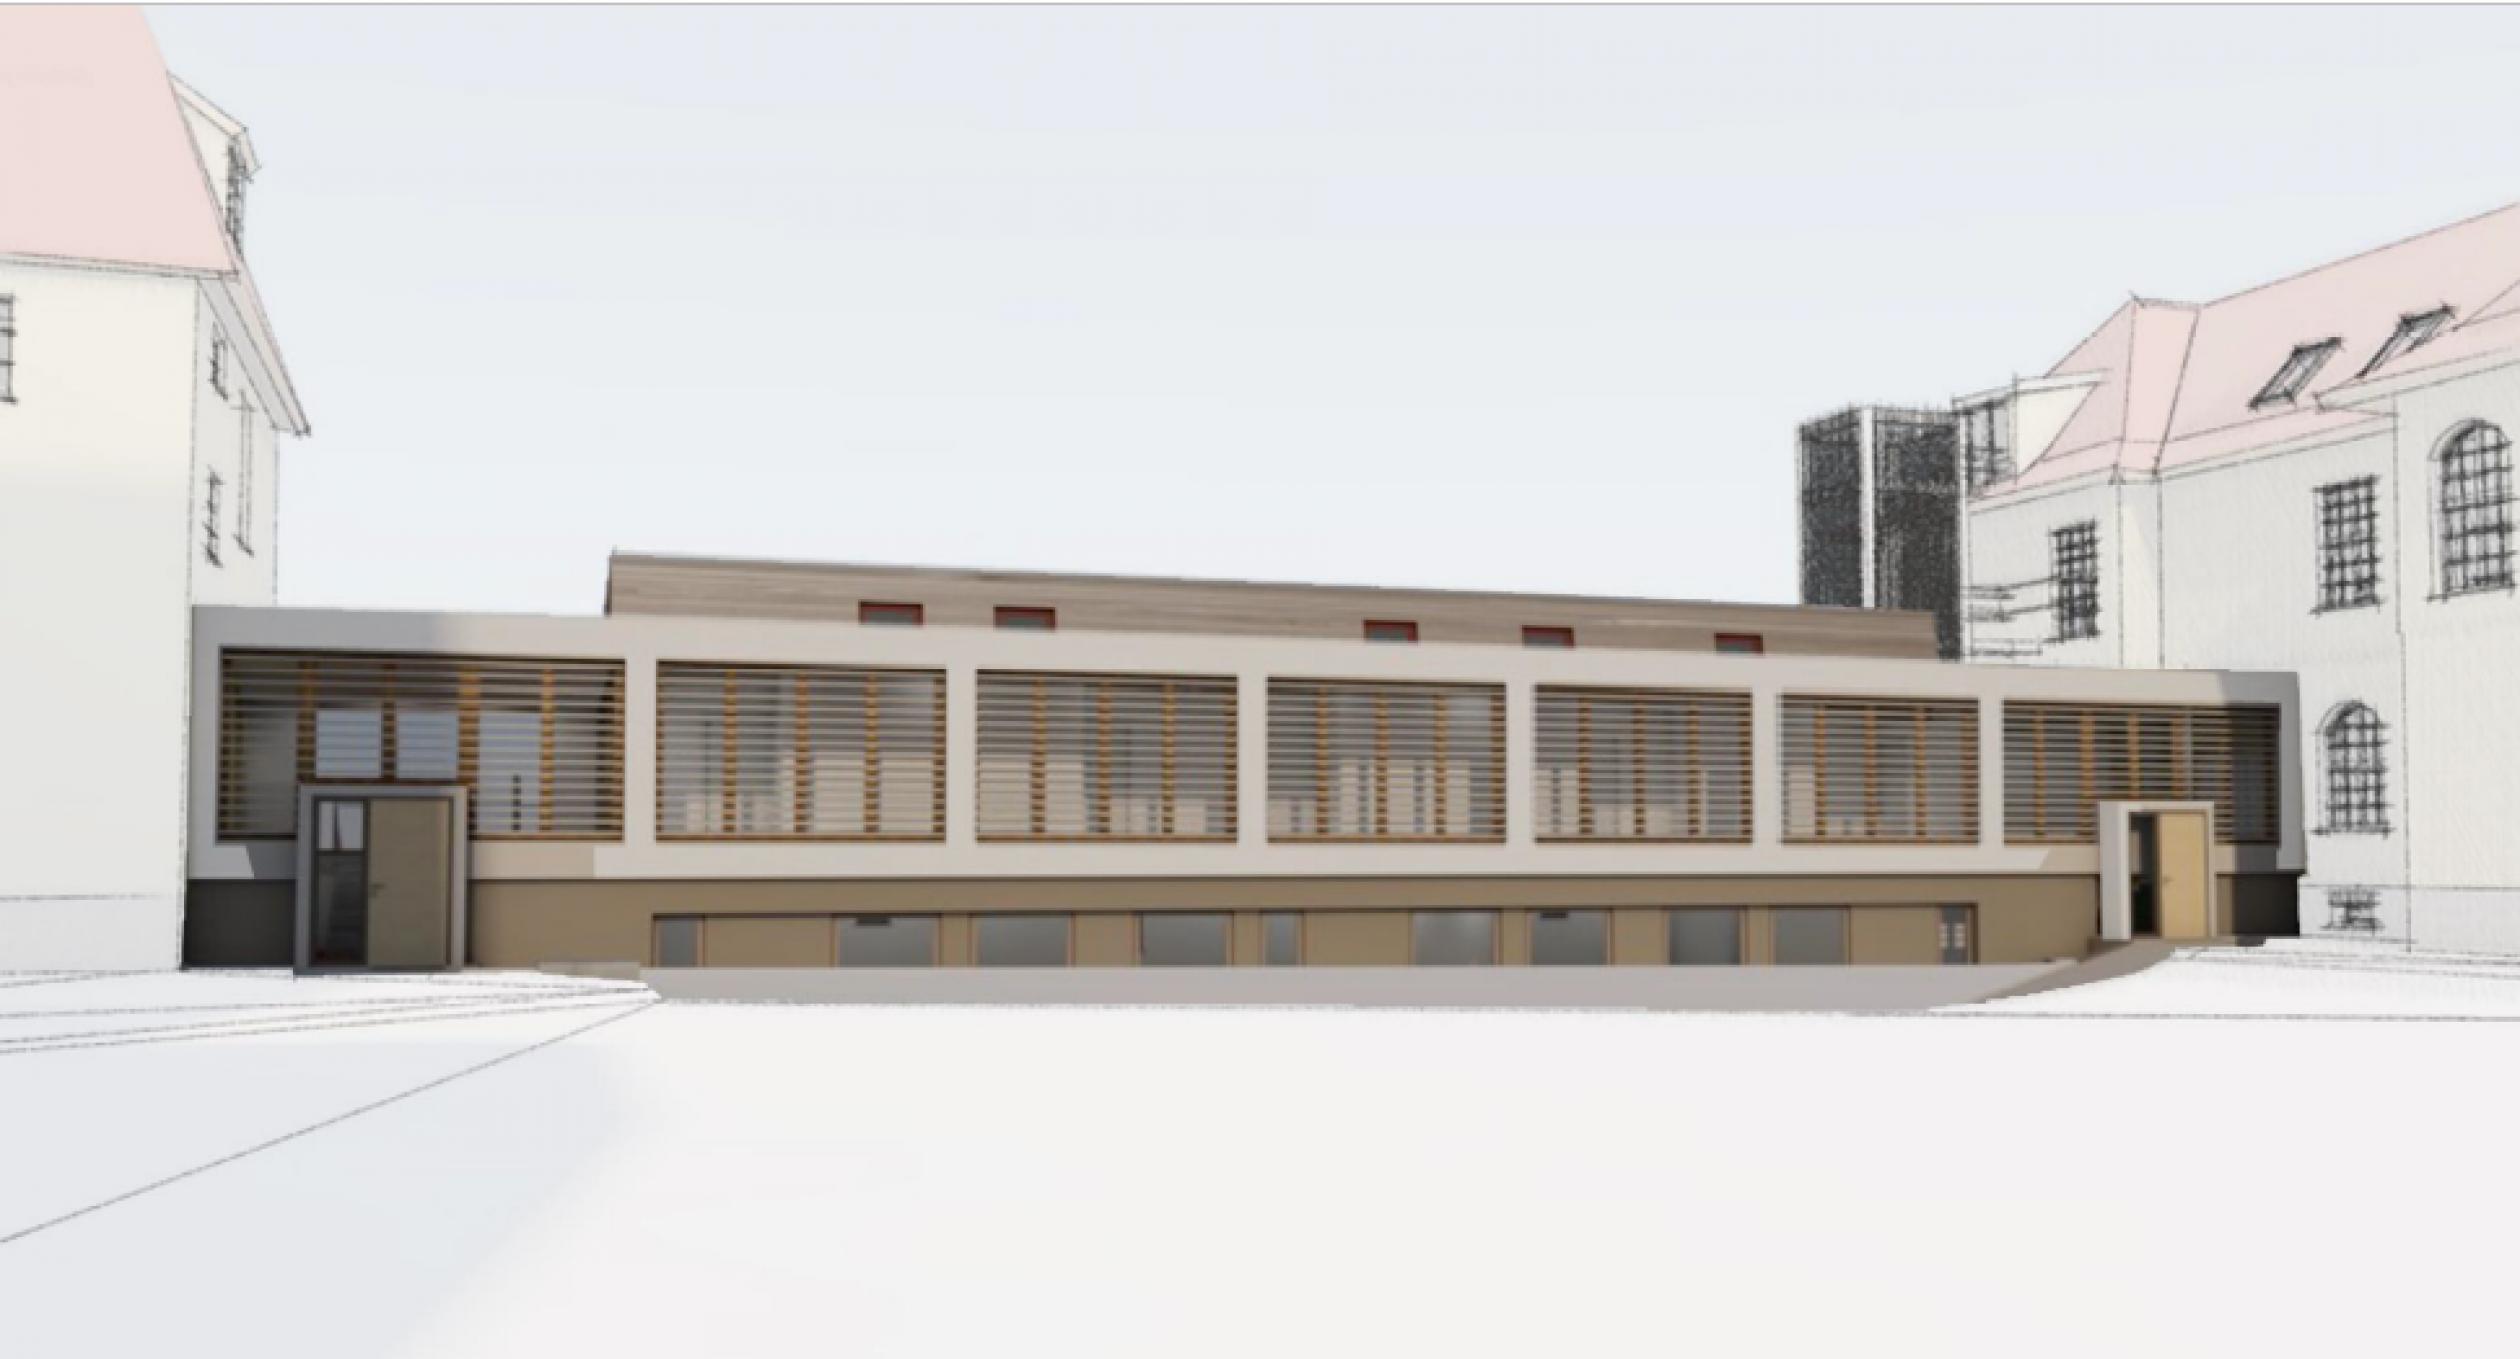 Der Entwurf zeigt den geplanten Durchgang mit Seminarräumen aus der Sicht vom Innenhof nach Westen.